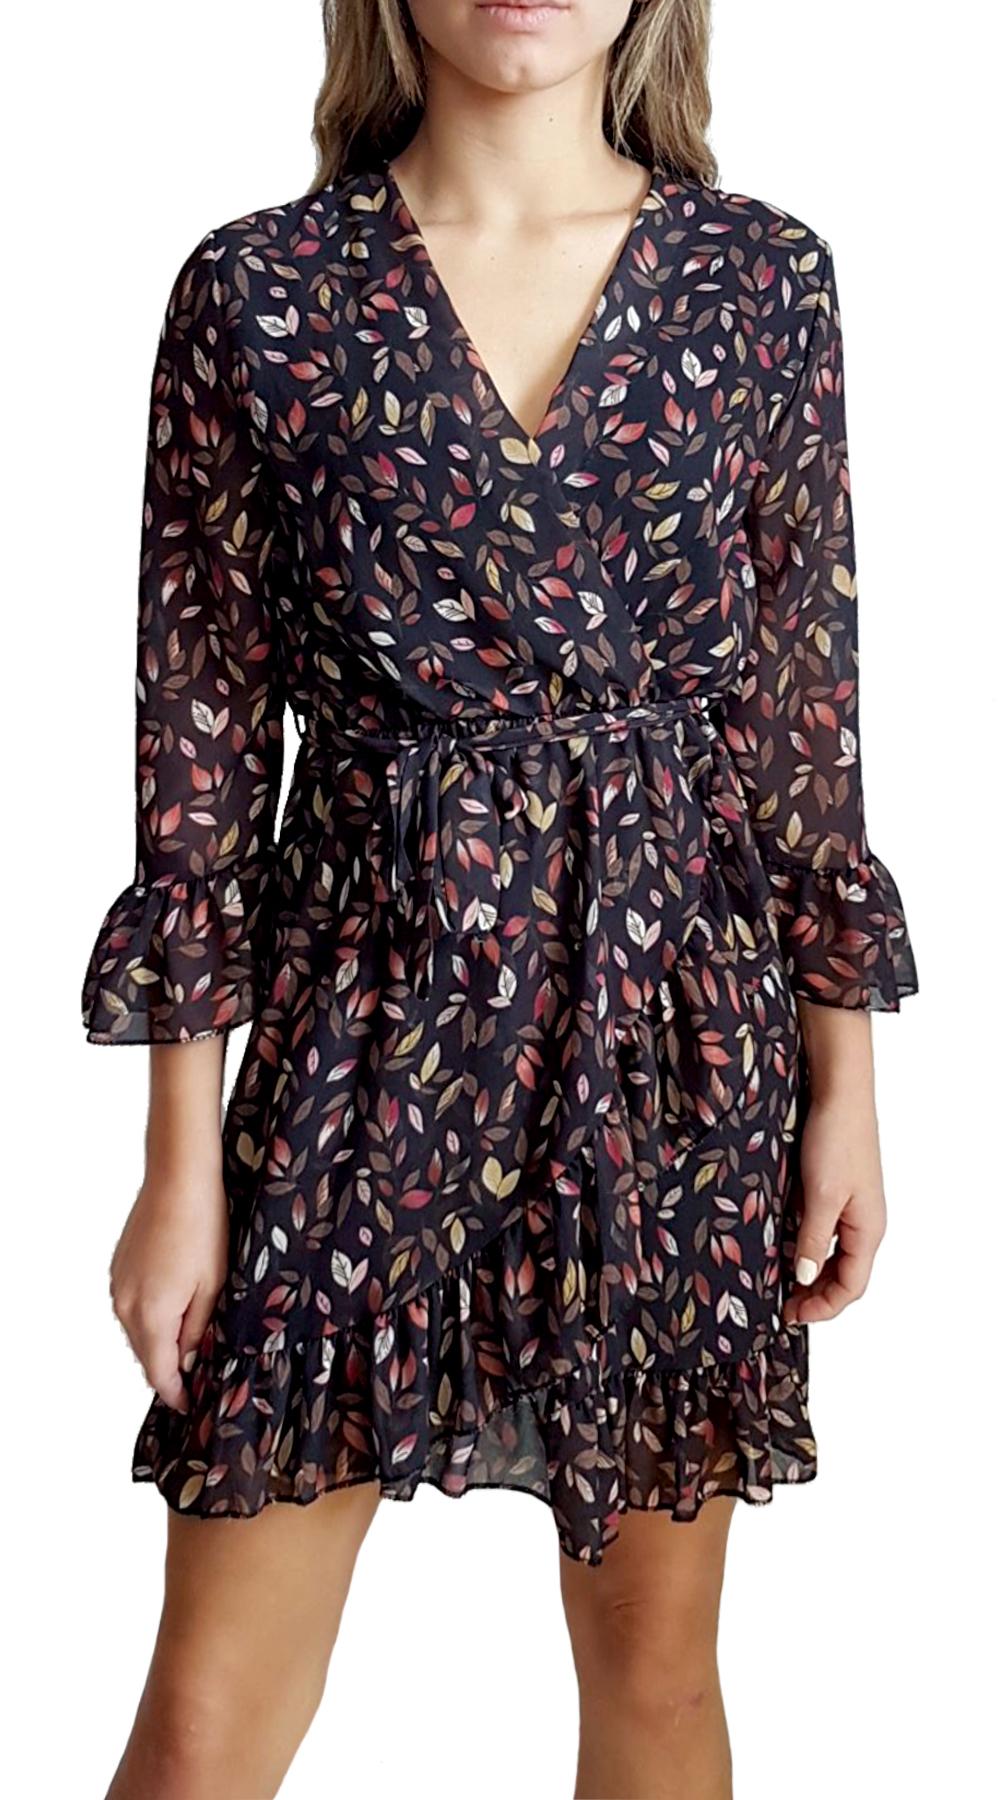 Φλοράλ Φόρεμα με Δέσιμο - MissReina - FW20SOF-51463